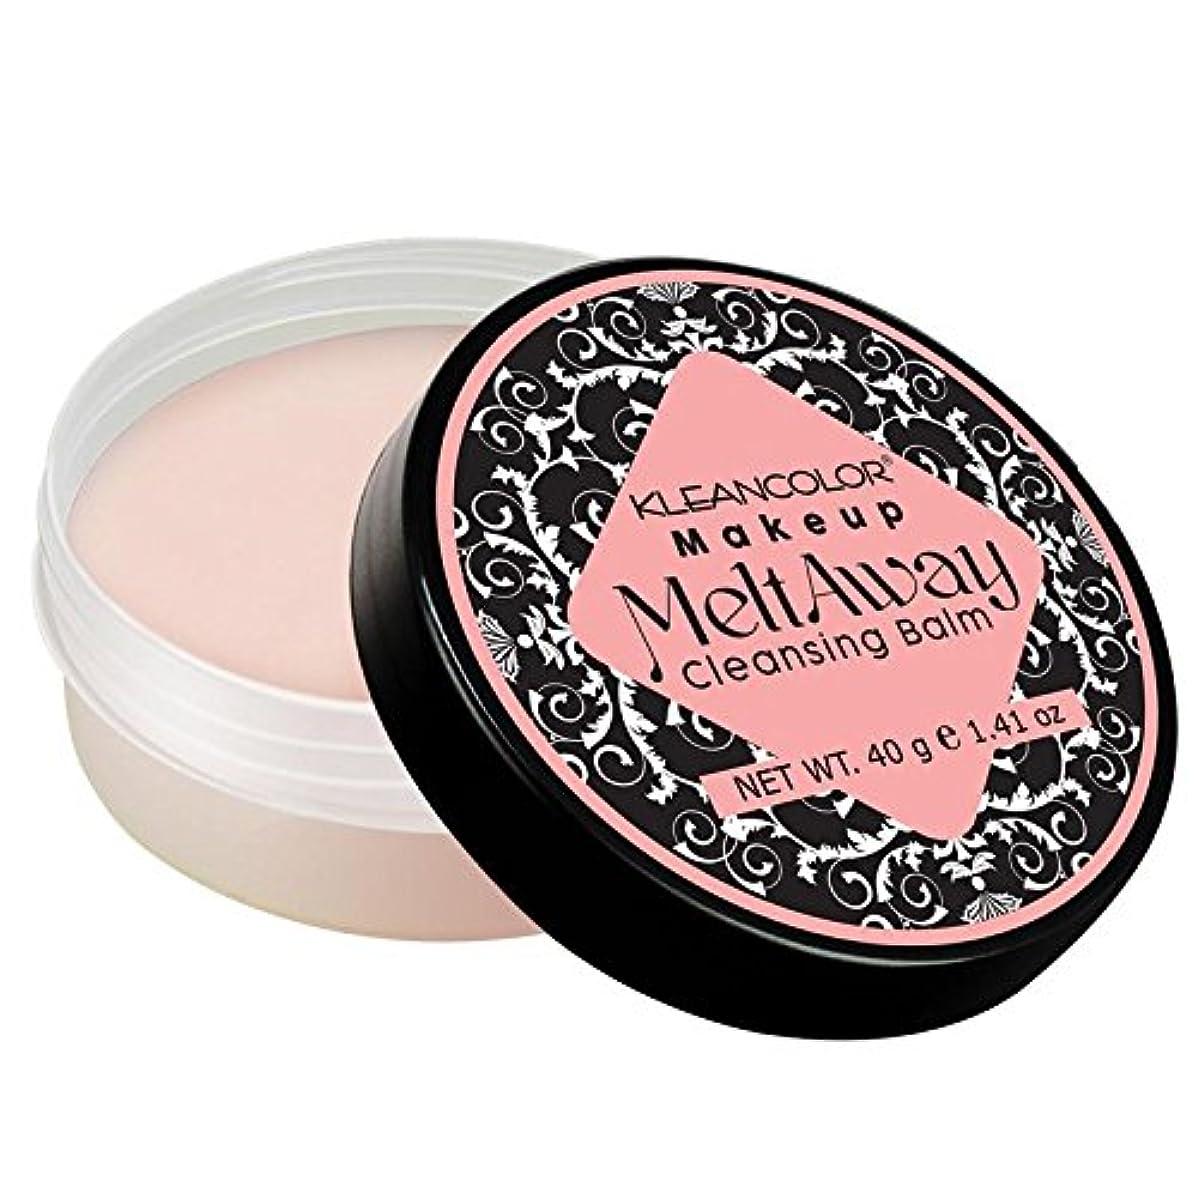 リム申し込む危険にさらされているKLEANCOLOR Makeup Meltaway Cleansing Balm (並行輸入品)